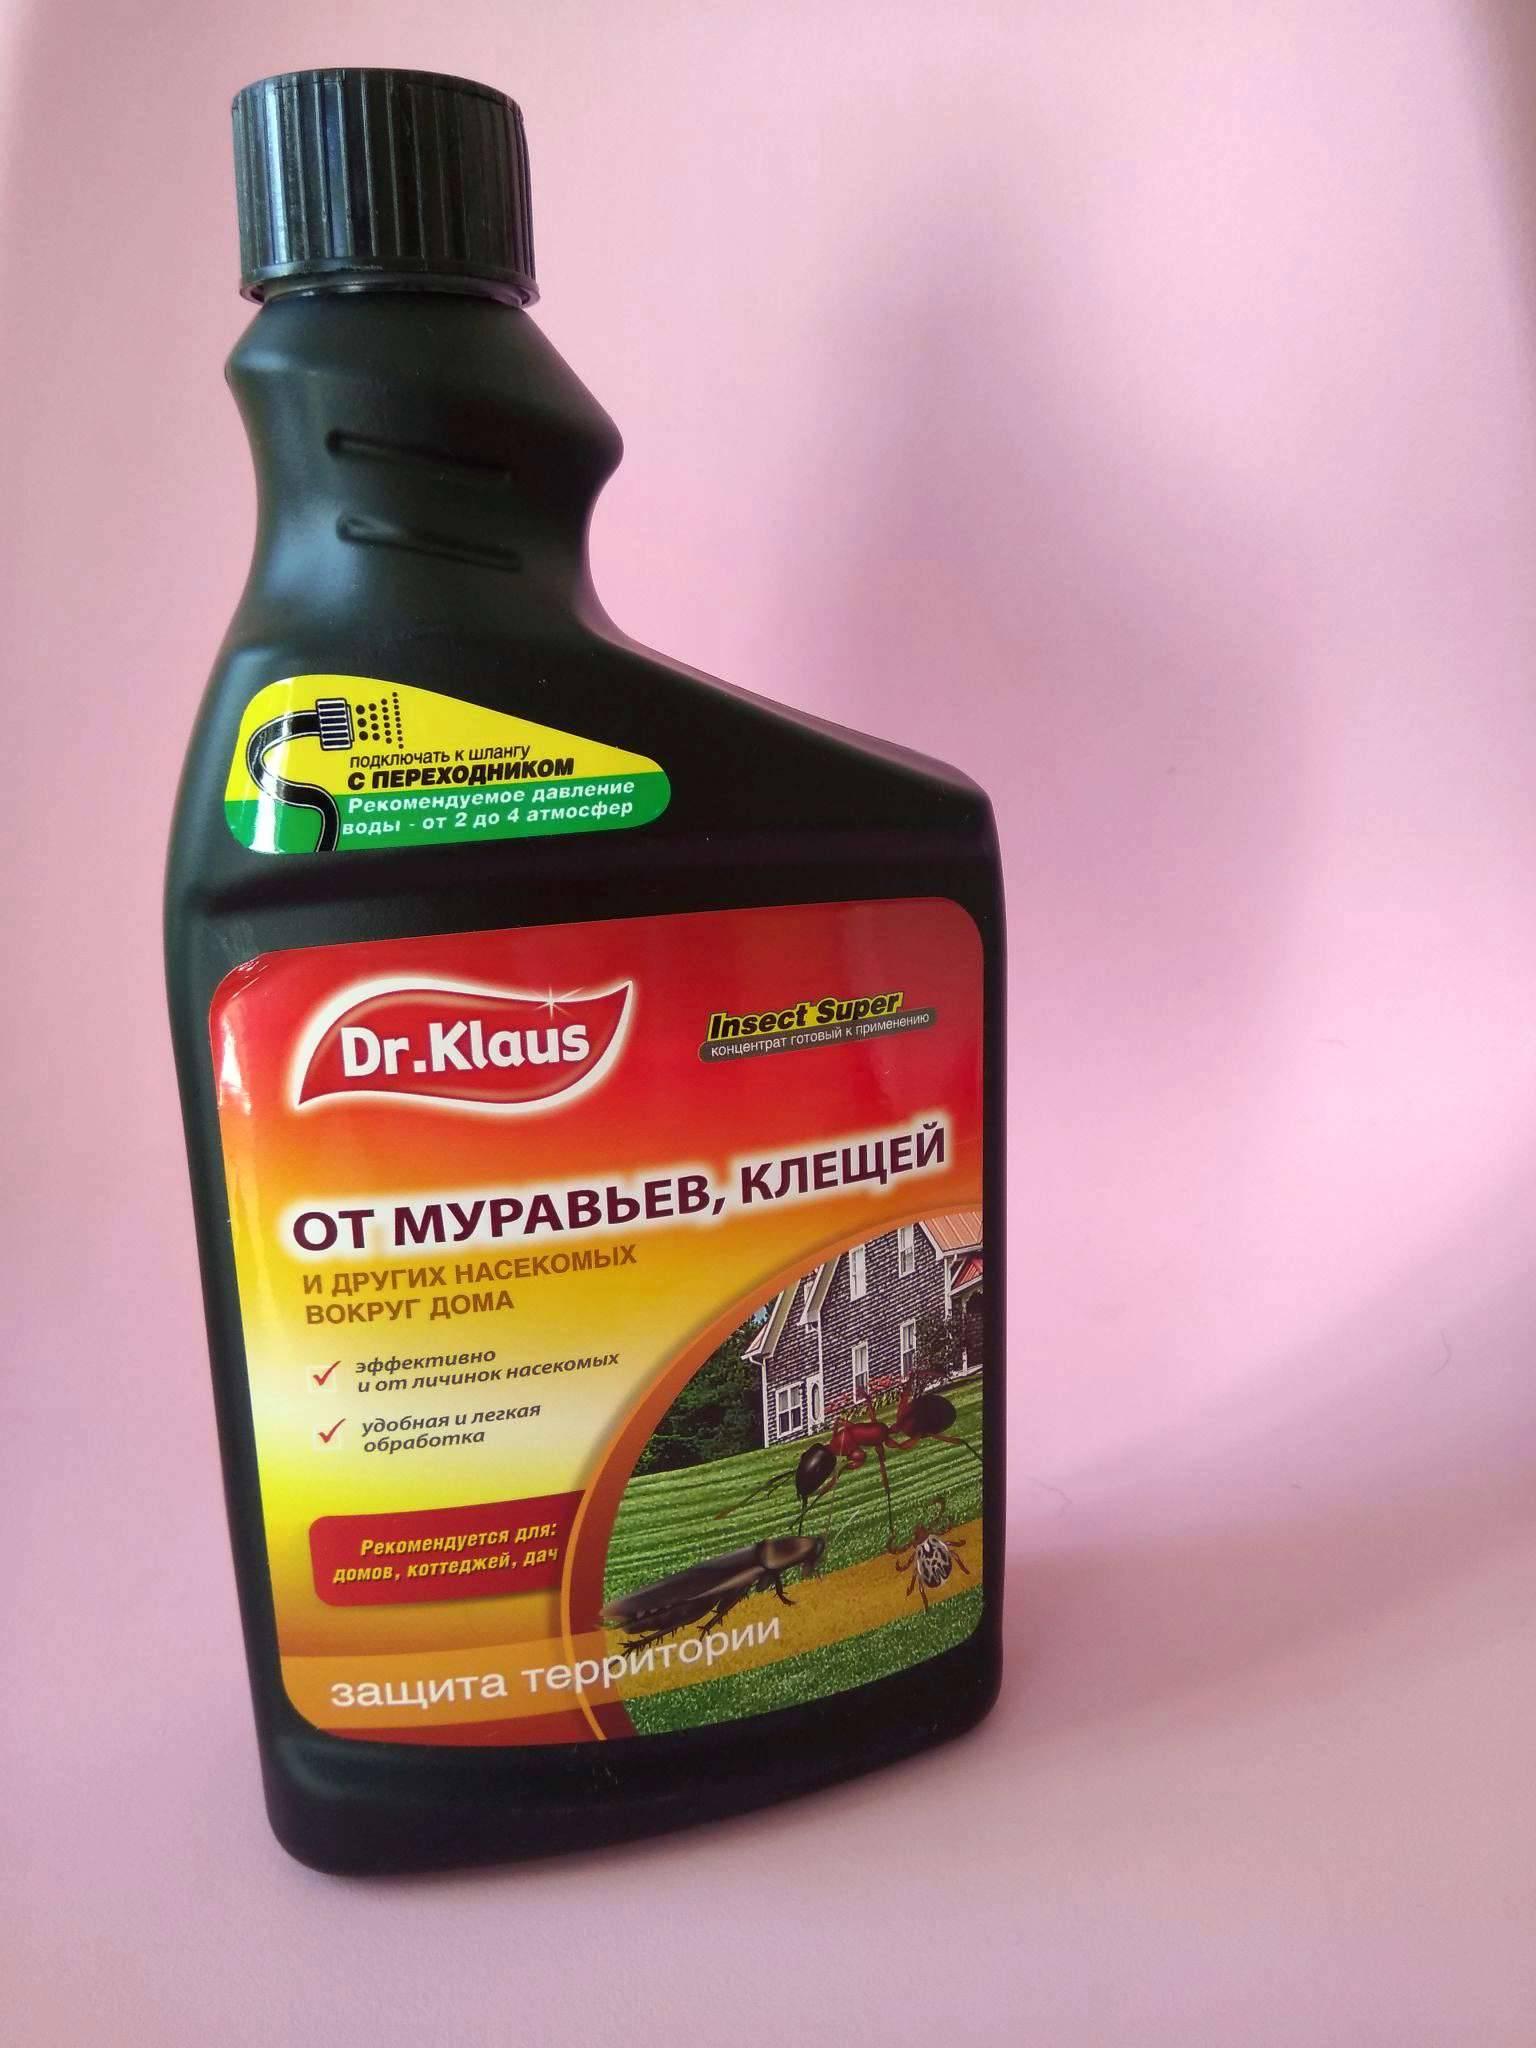 Dr klaus от клещей и муравьев - сорнякам нет